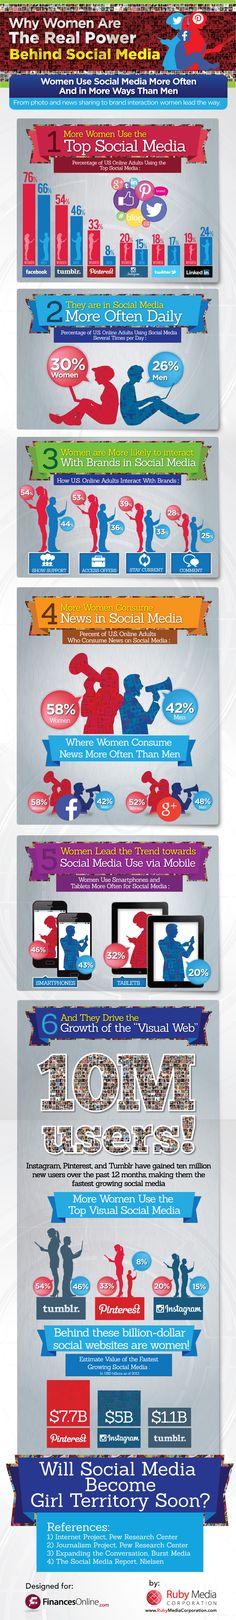 Women are Better Than Men at Social Media [Infographic] -- Thanks @Mike Schaffer #SUMKTG